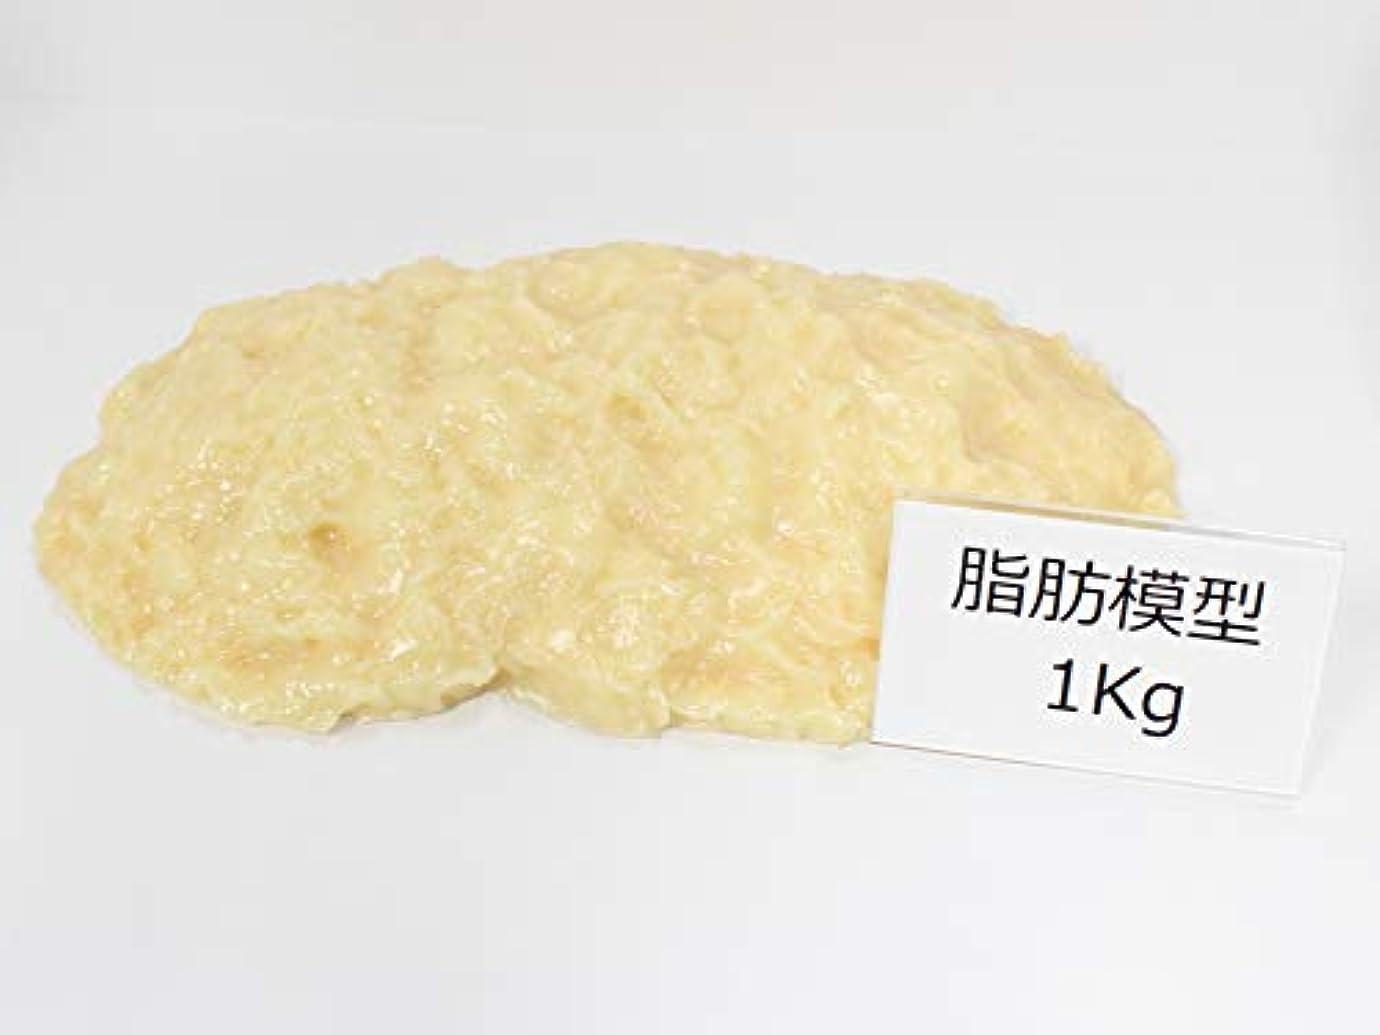 できない取り戻すオペレーター脂肪サンプル 脂肪模型 1kg 食品サンプル 実物重量 ダイエット トレーニング フードモデル